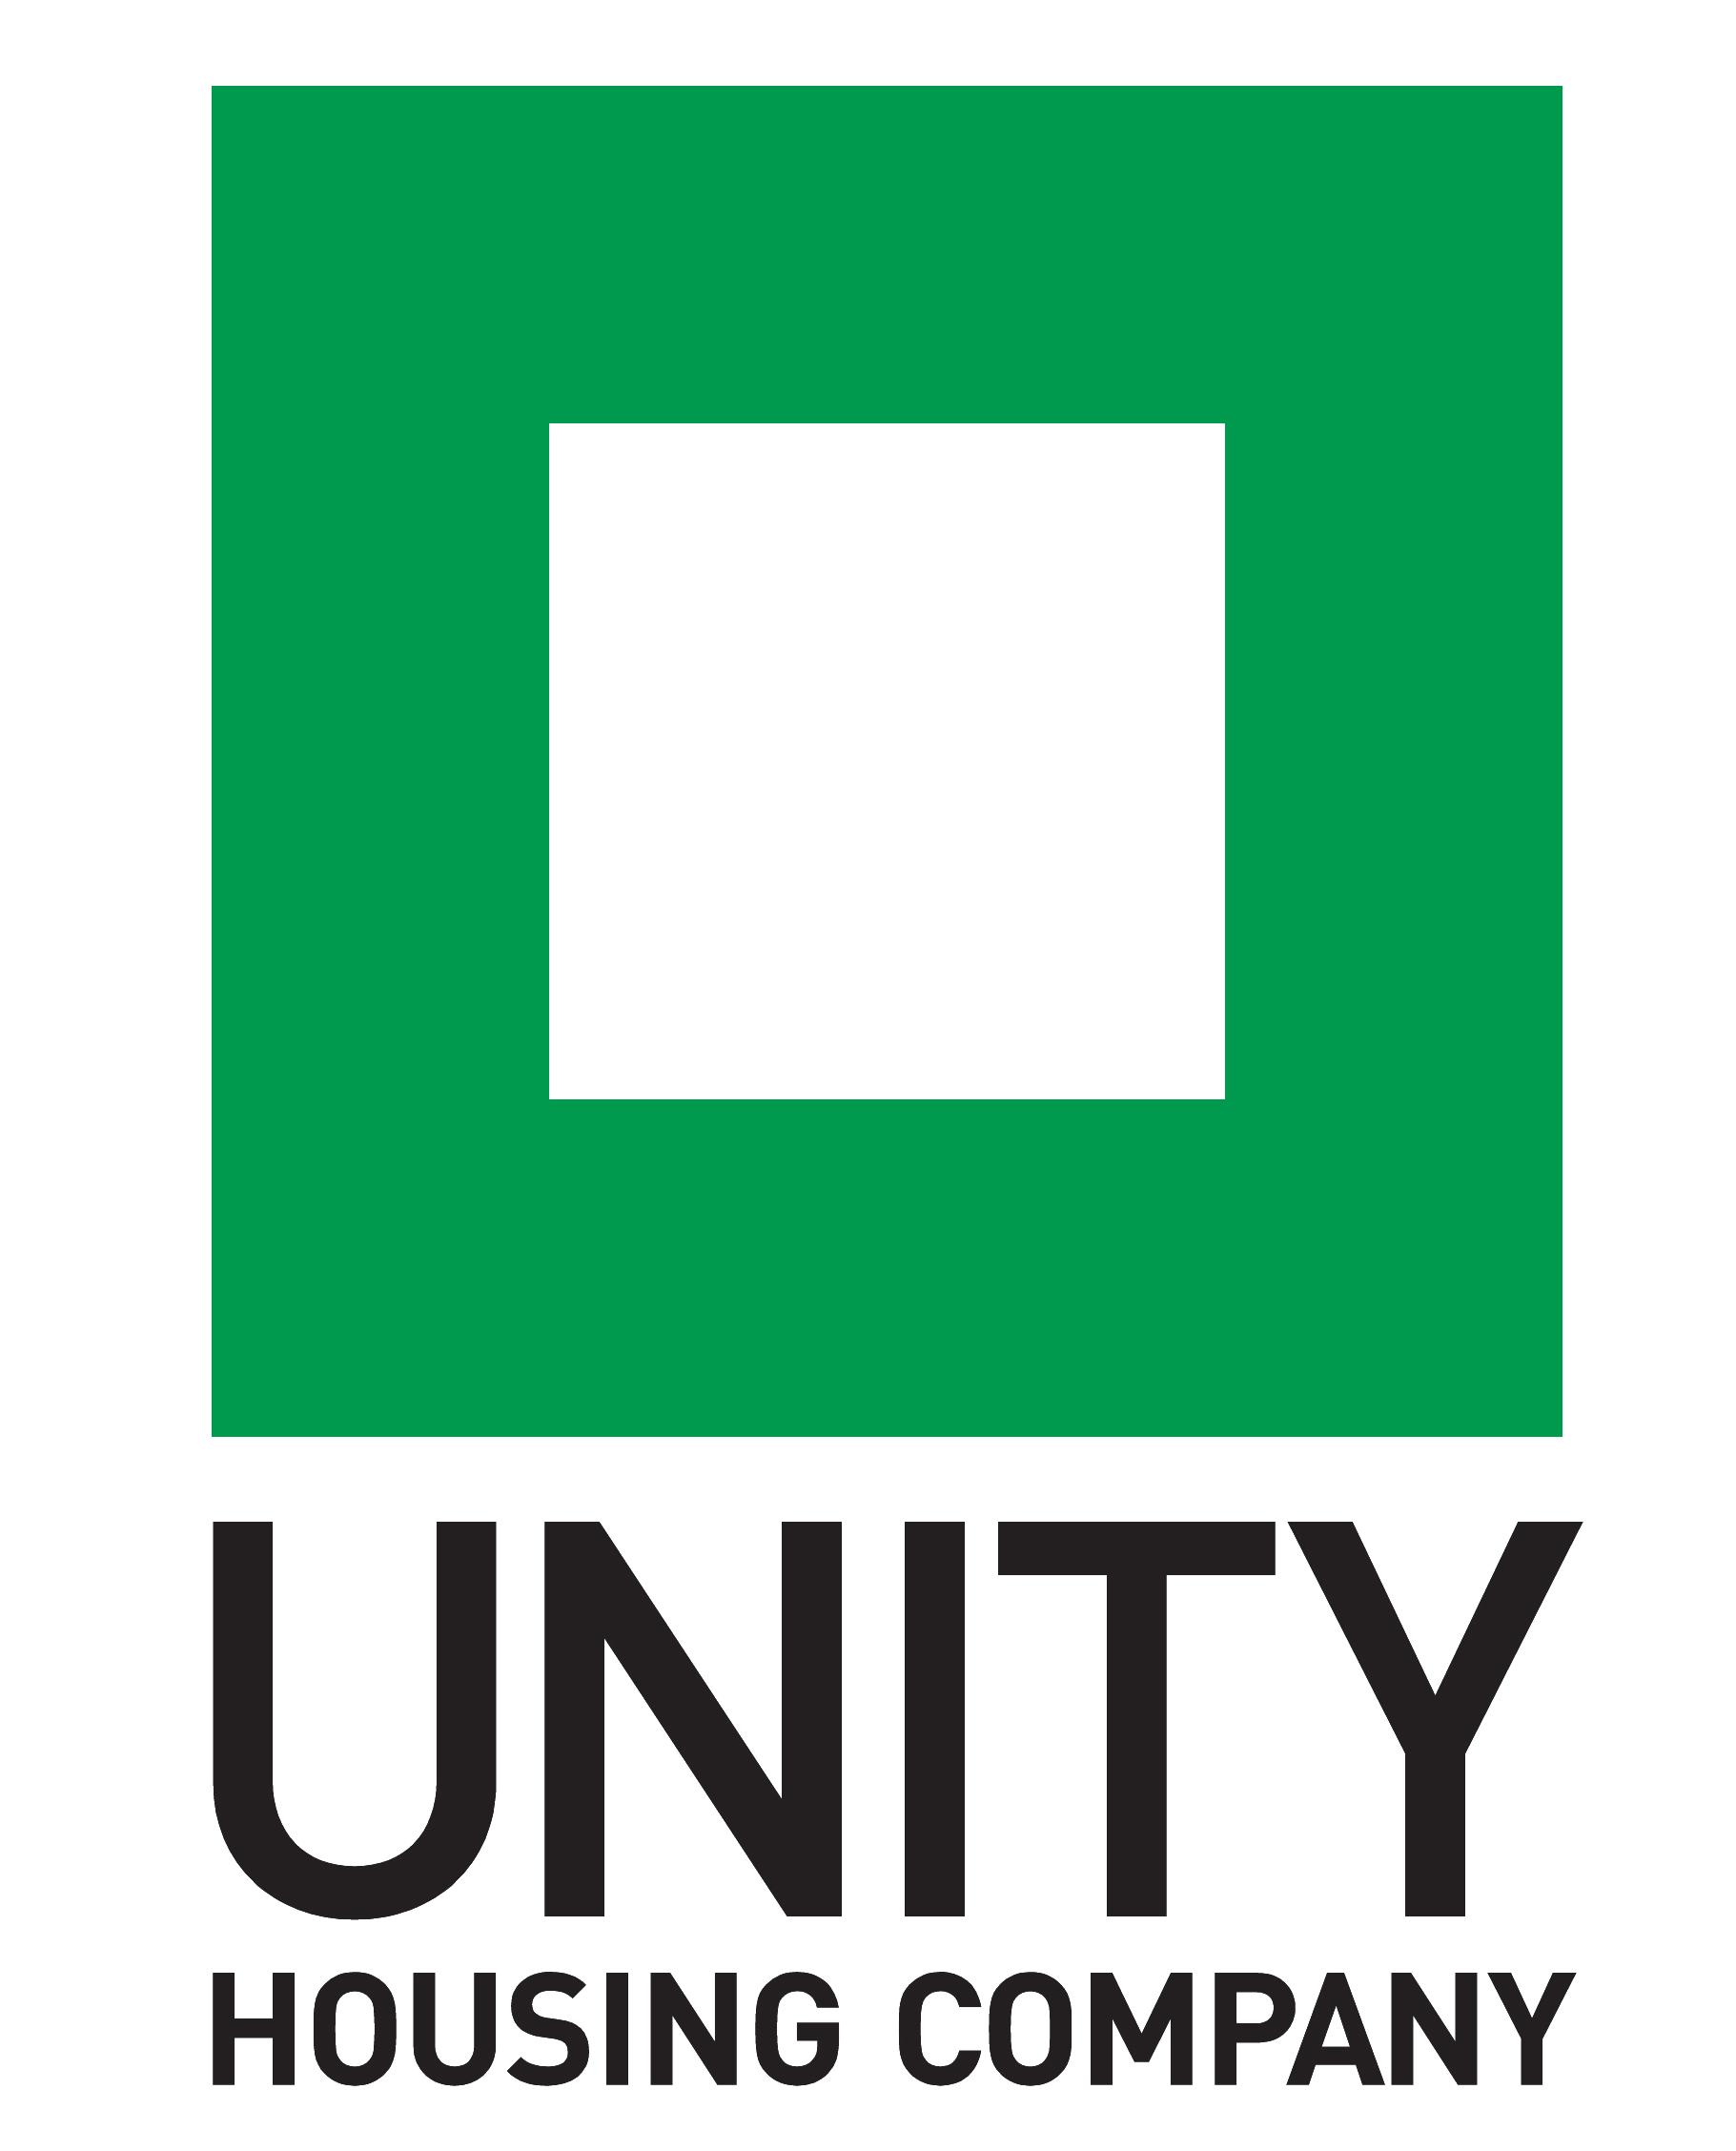 Australian Social Value Bank measures Unity Housing's impact on tenants